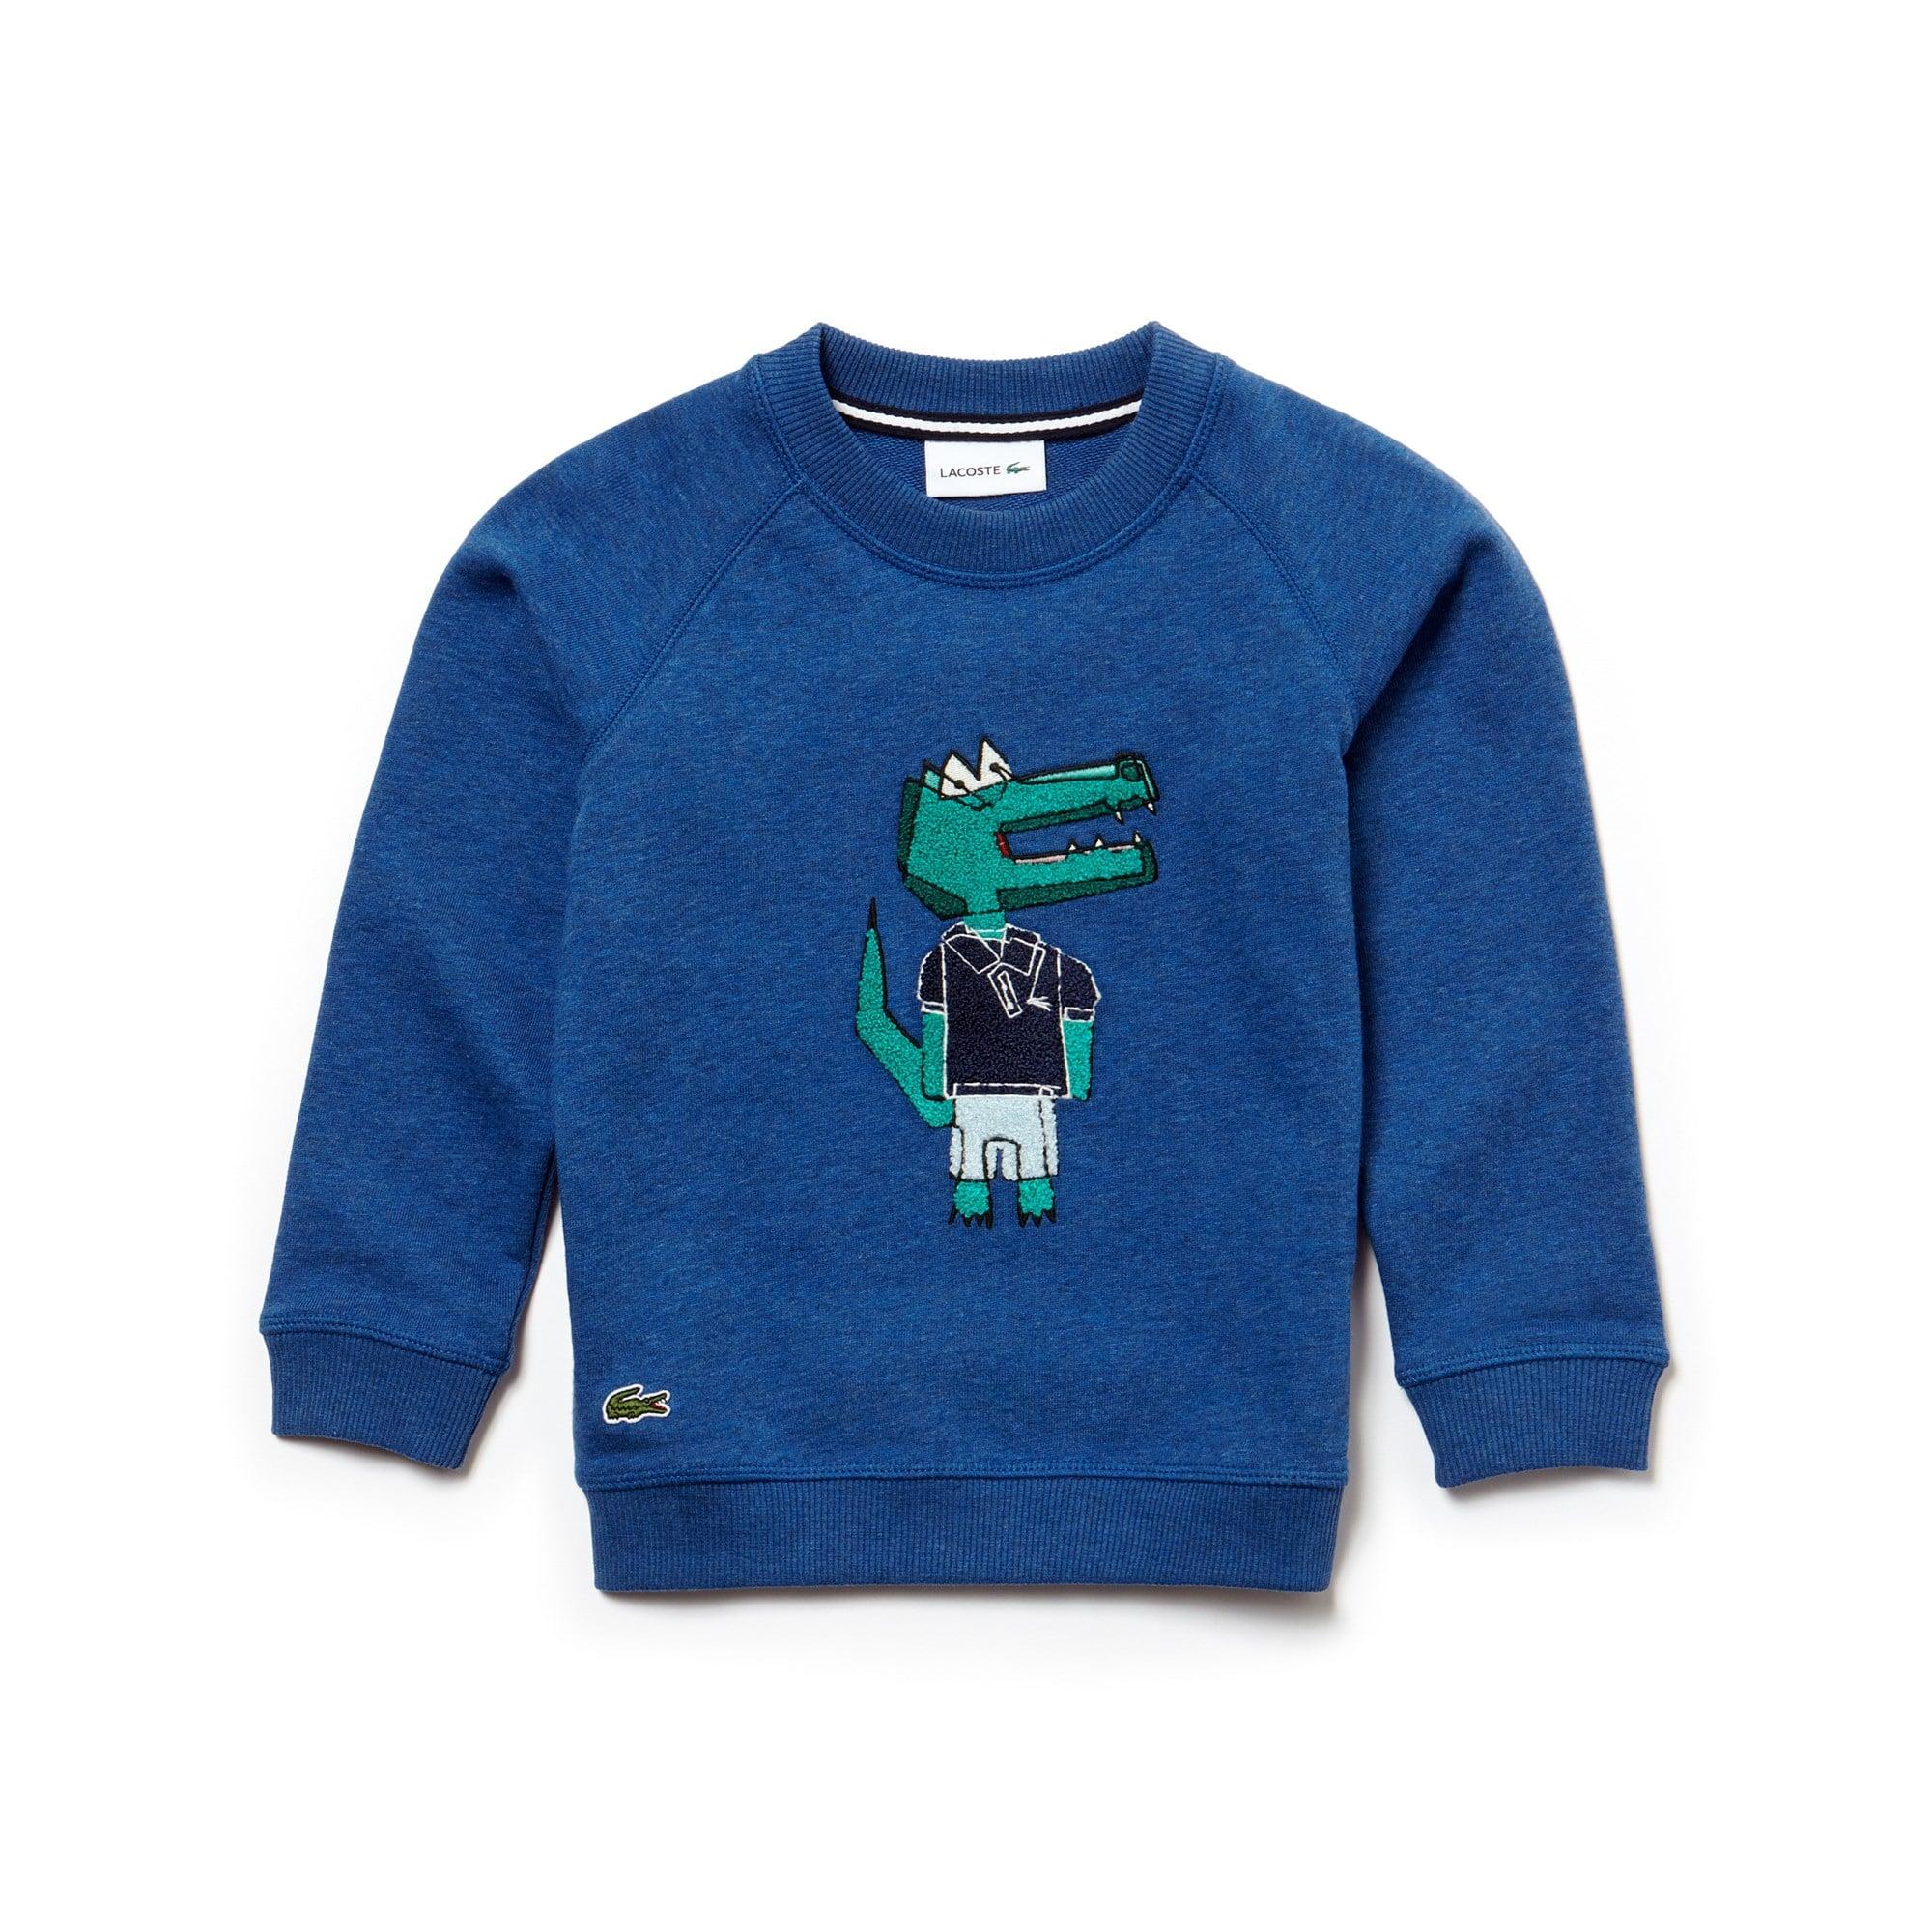 Boys' Crew Neck Crocodile Indigo Fleece Sweatshirt